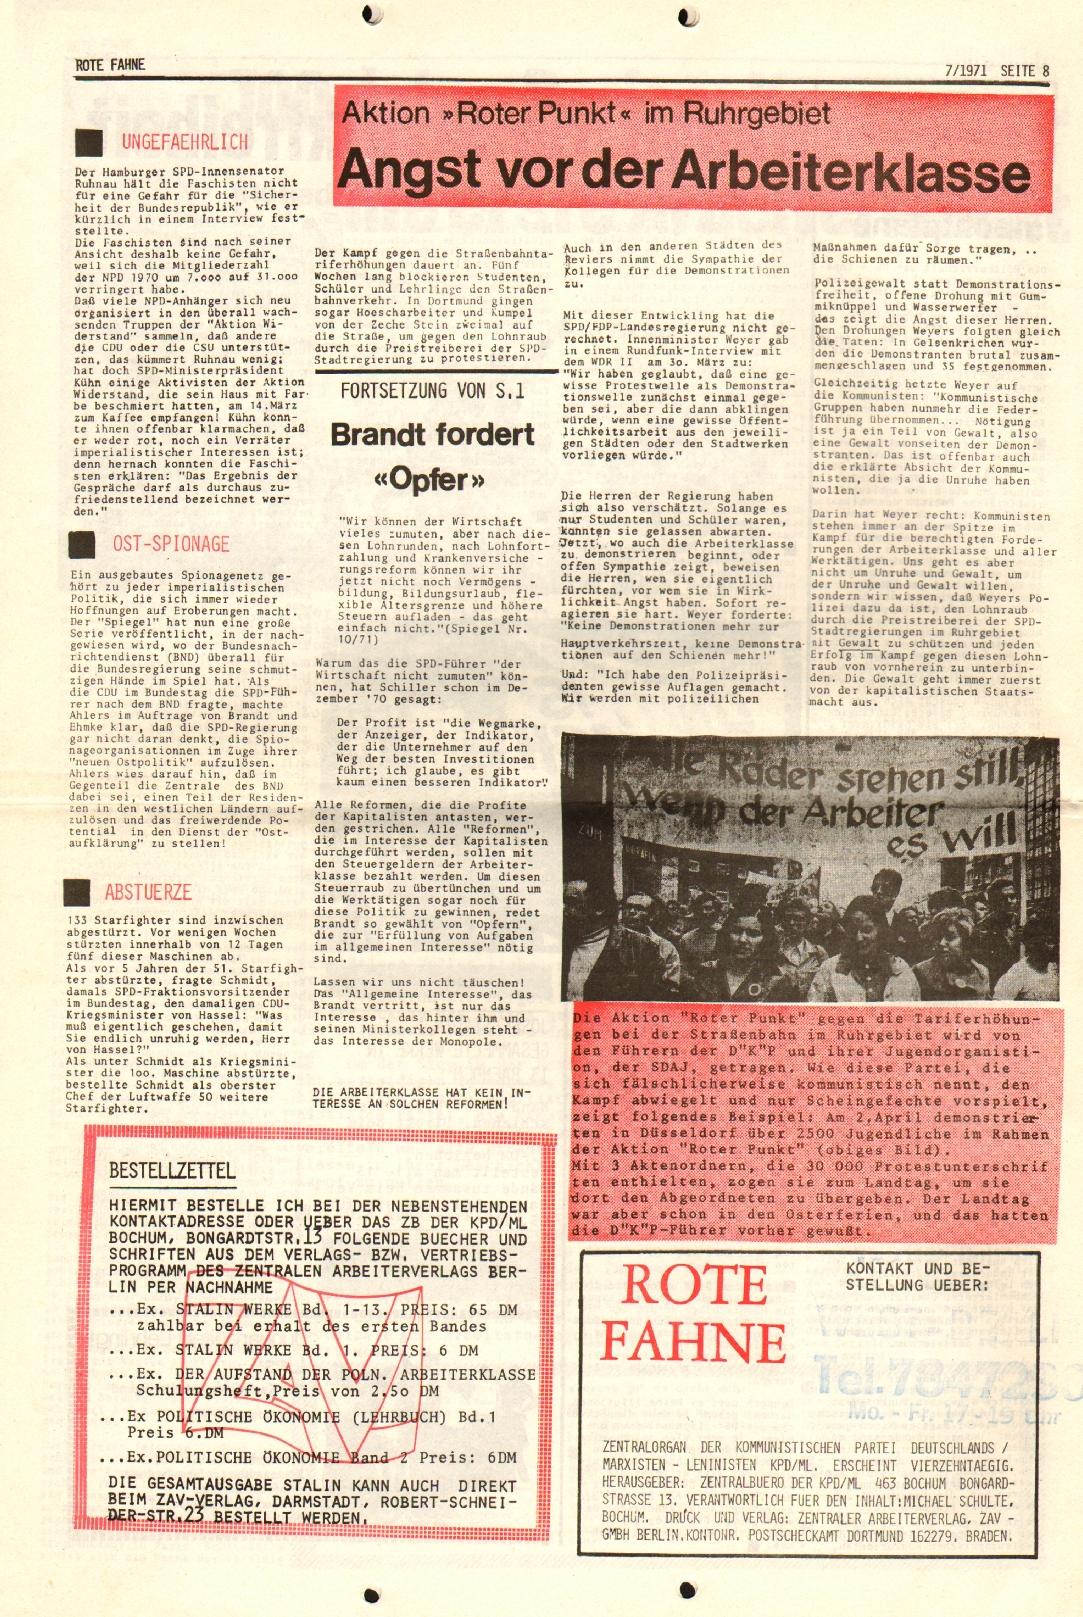 Rote Fahne, 2. Jg., 12.4.1971, Nr. 7, Seite 7